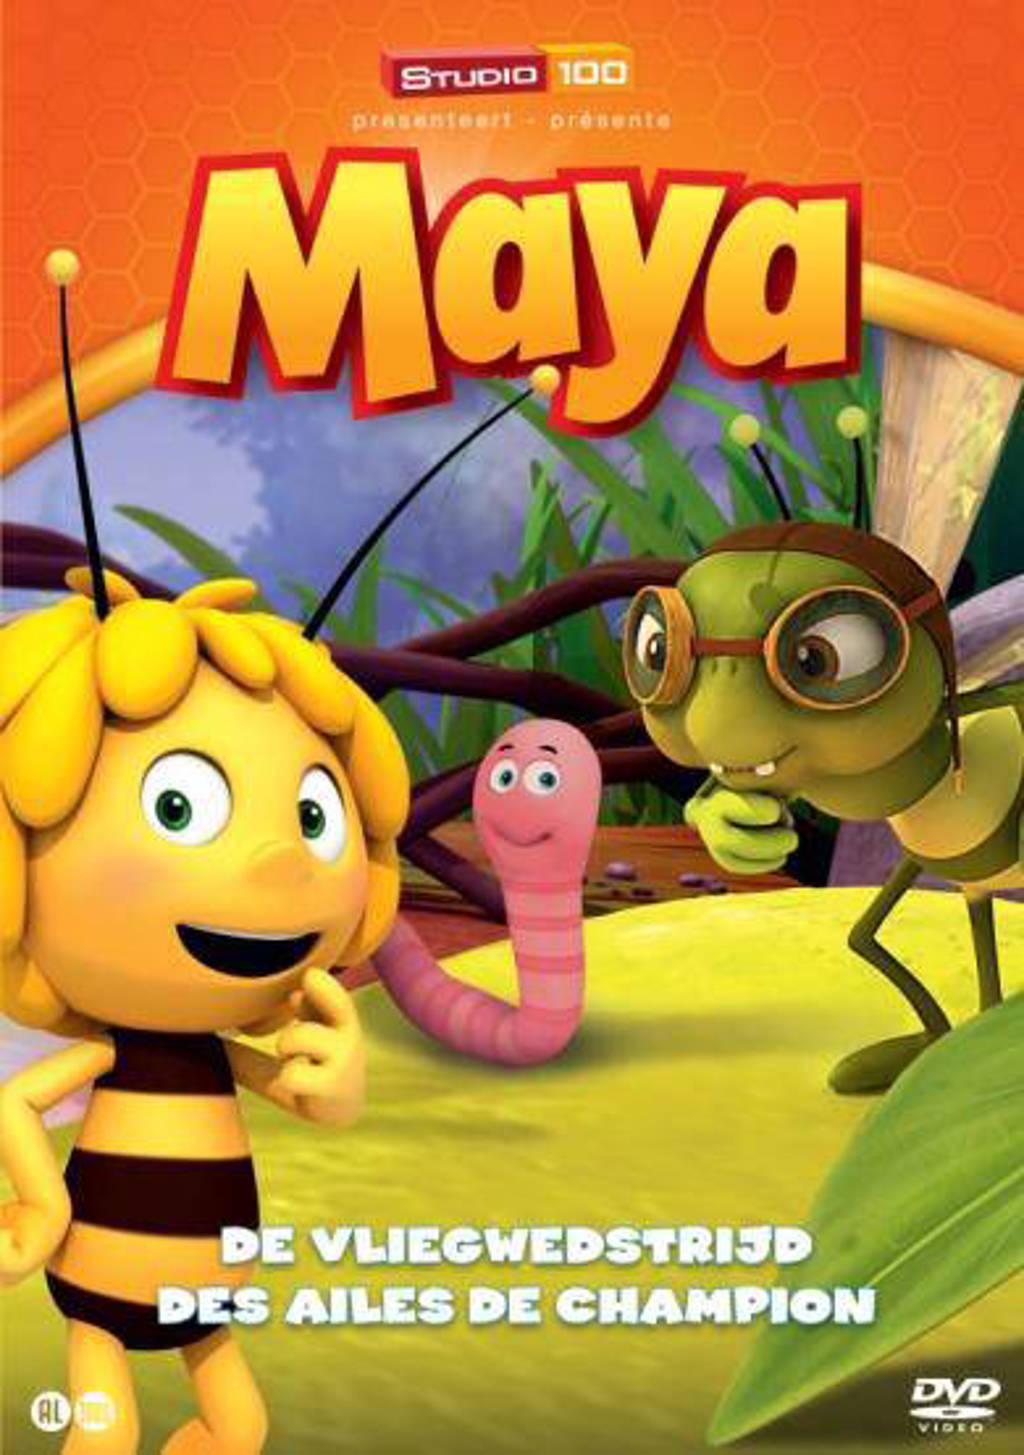 Maya - De vliegwedstrijd (DVD)